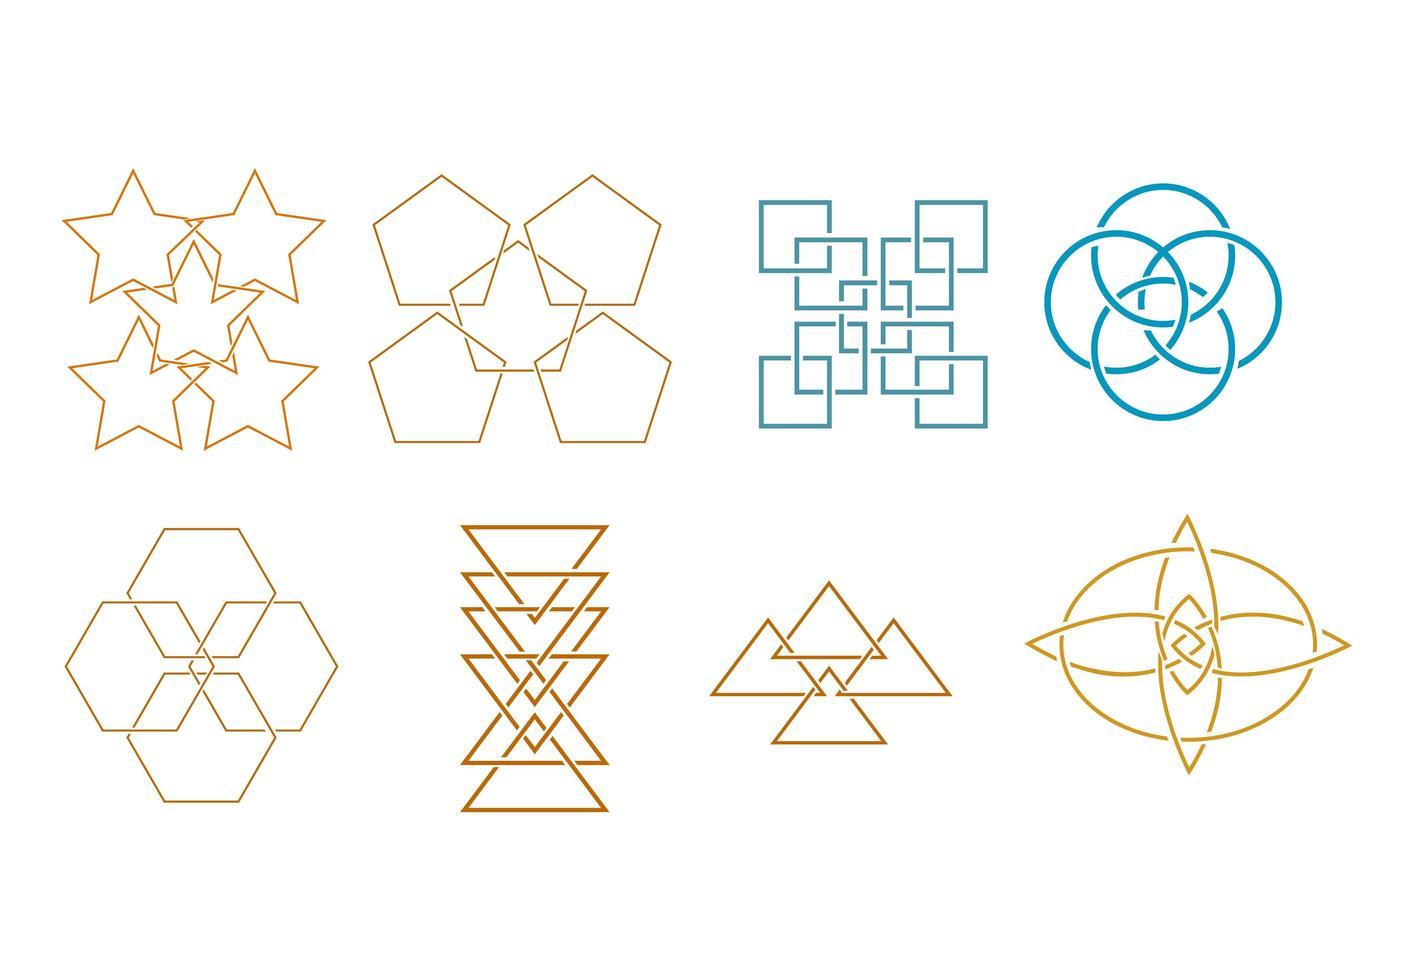 uppsättning abstrakta form ikonelement vektor